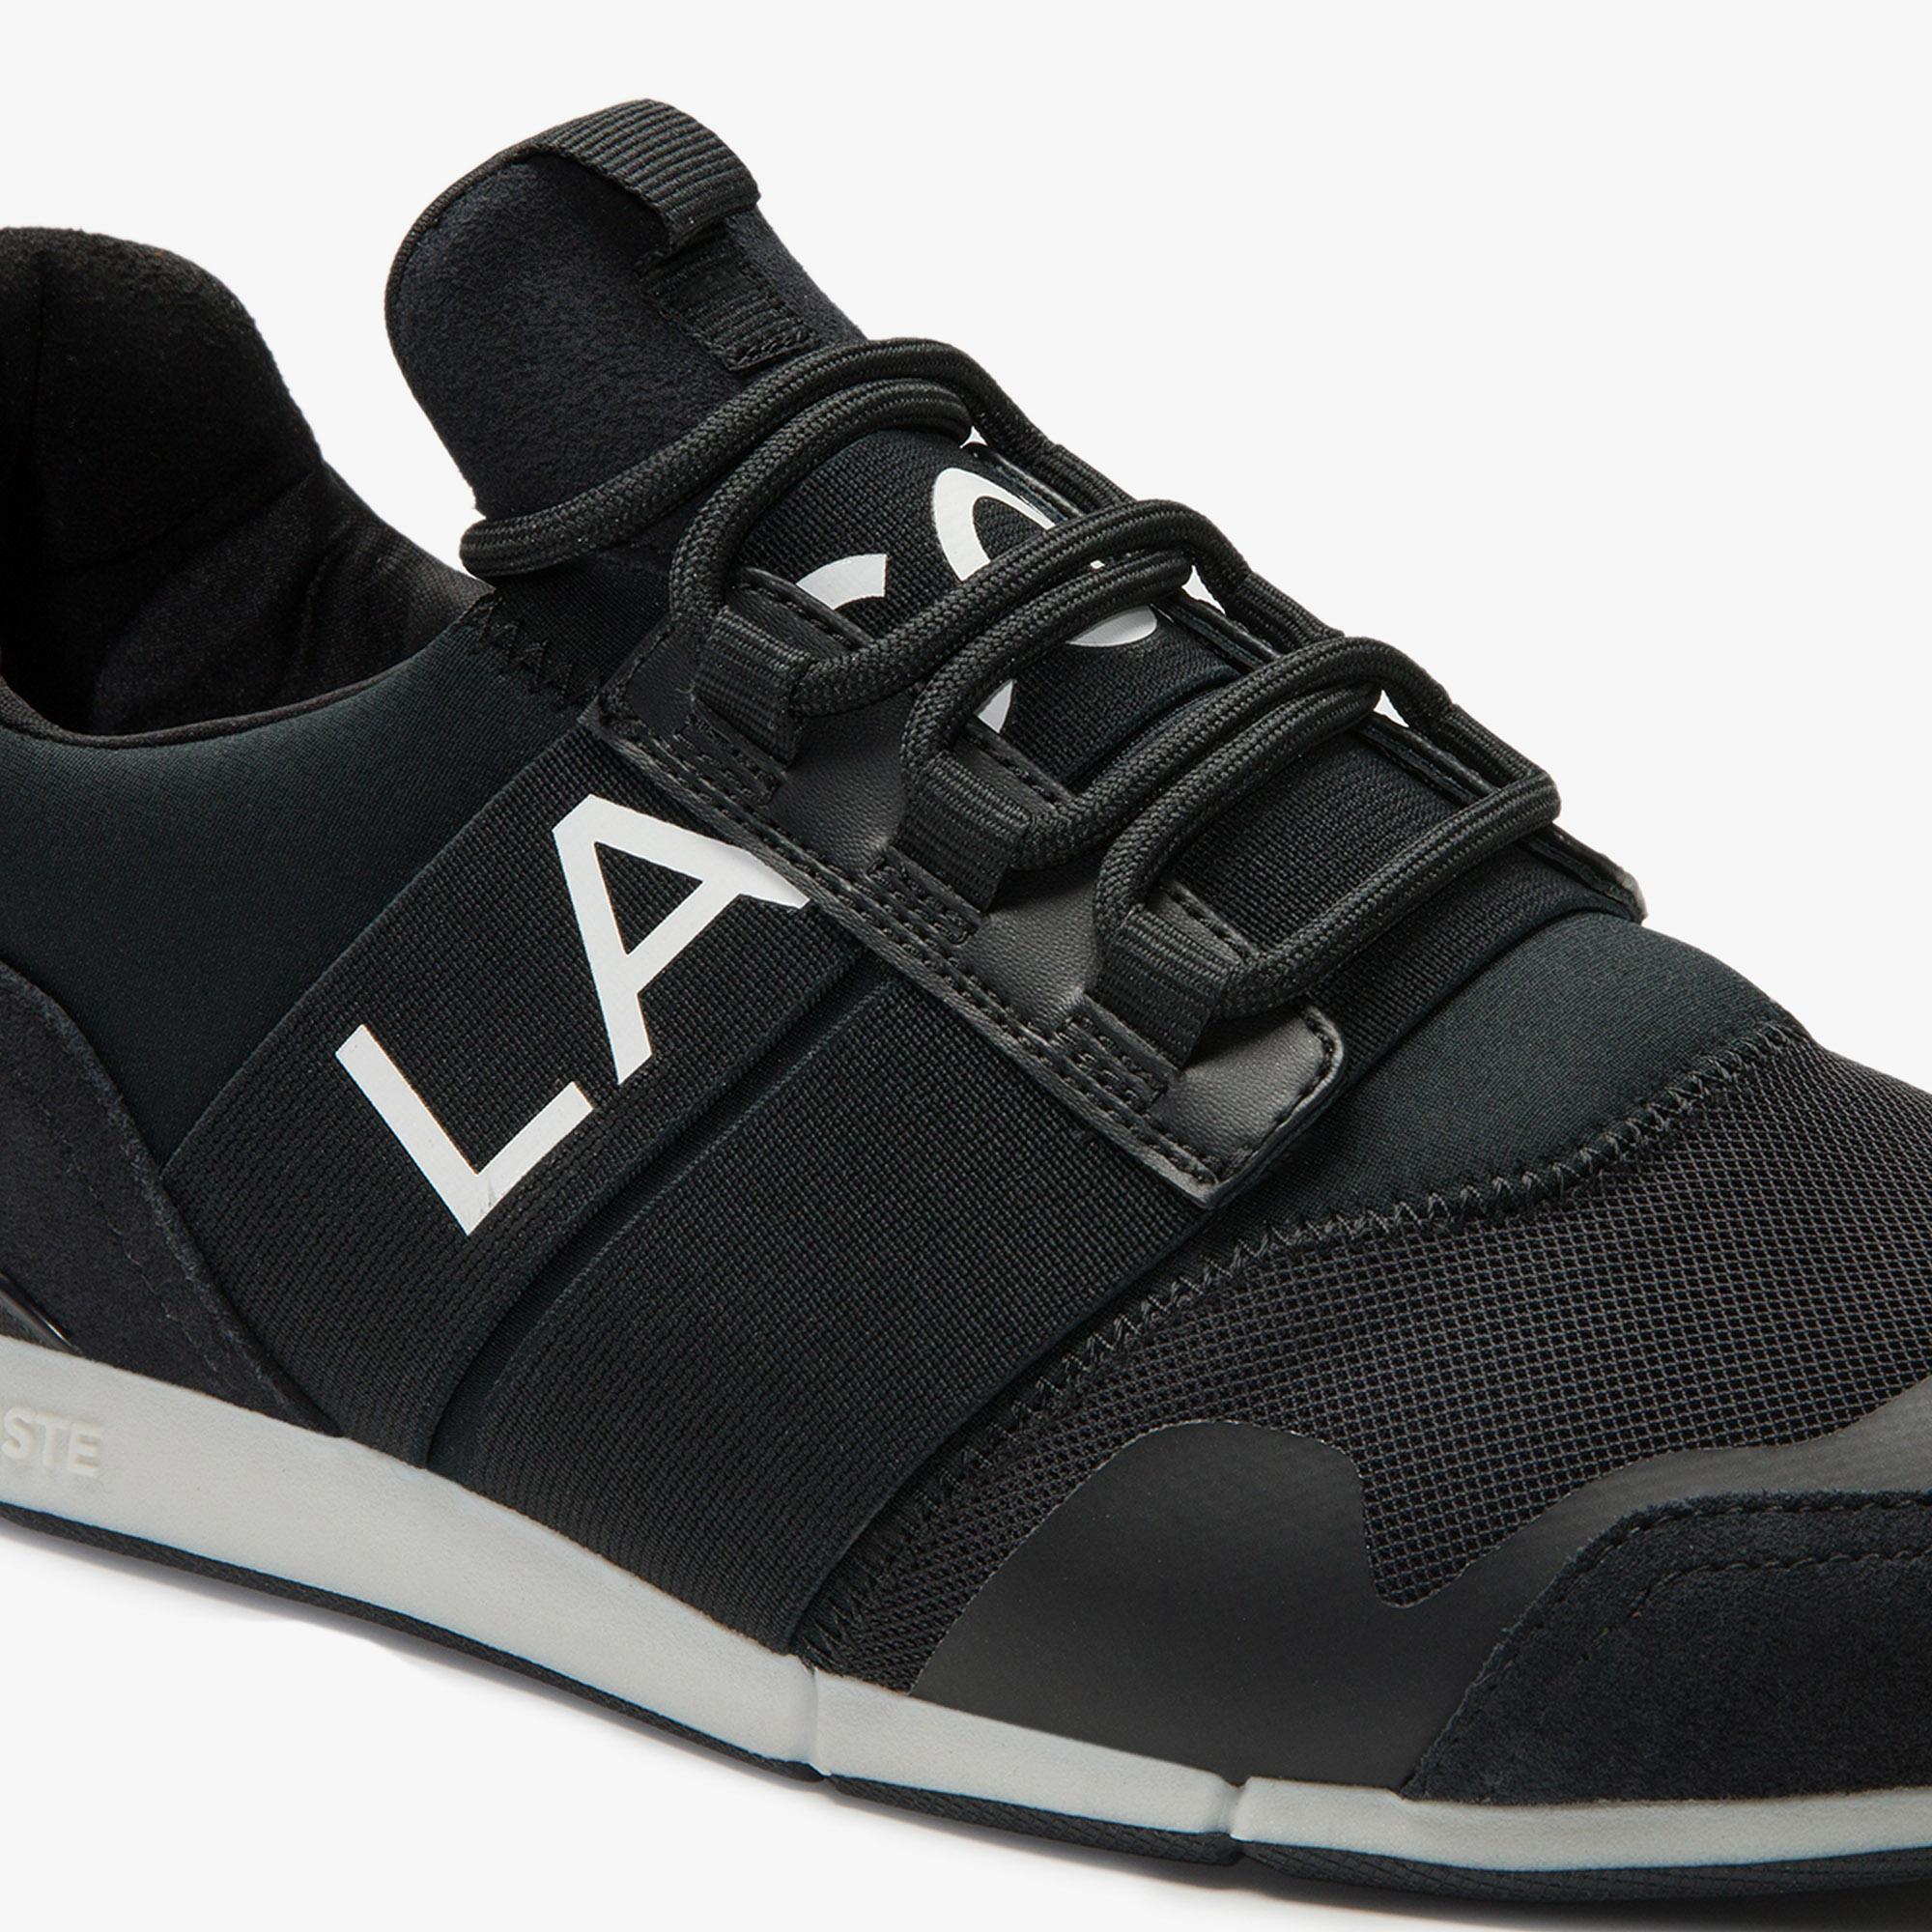 Lacoste Menerva Elite 0120 1 Cma Erkek Siyah - Kırmızı Sneaker